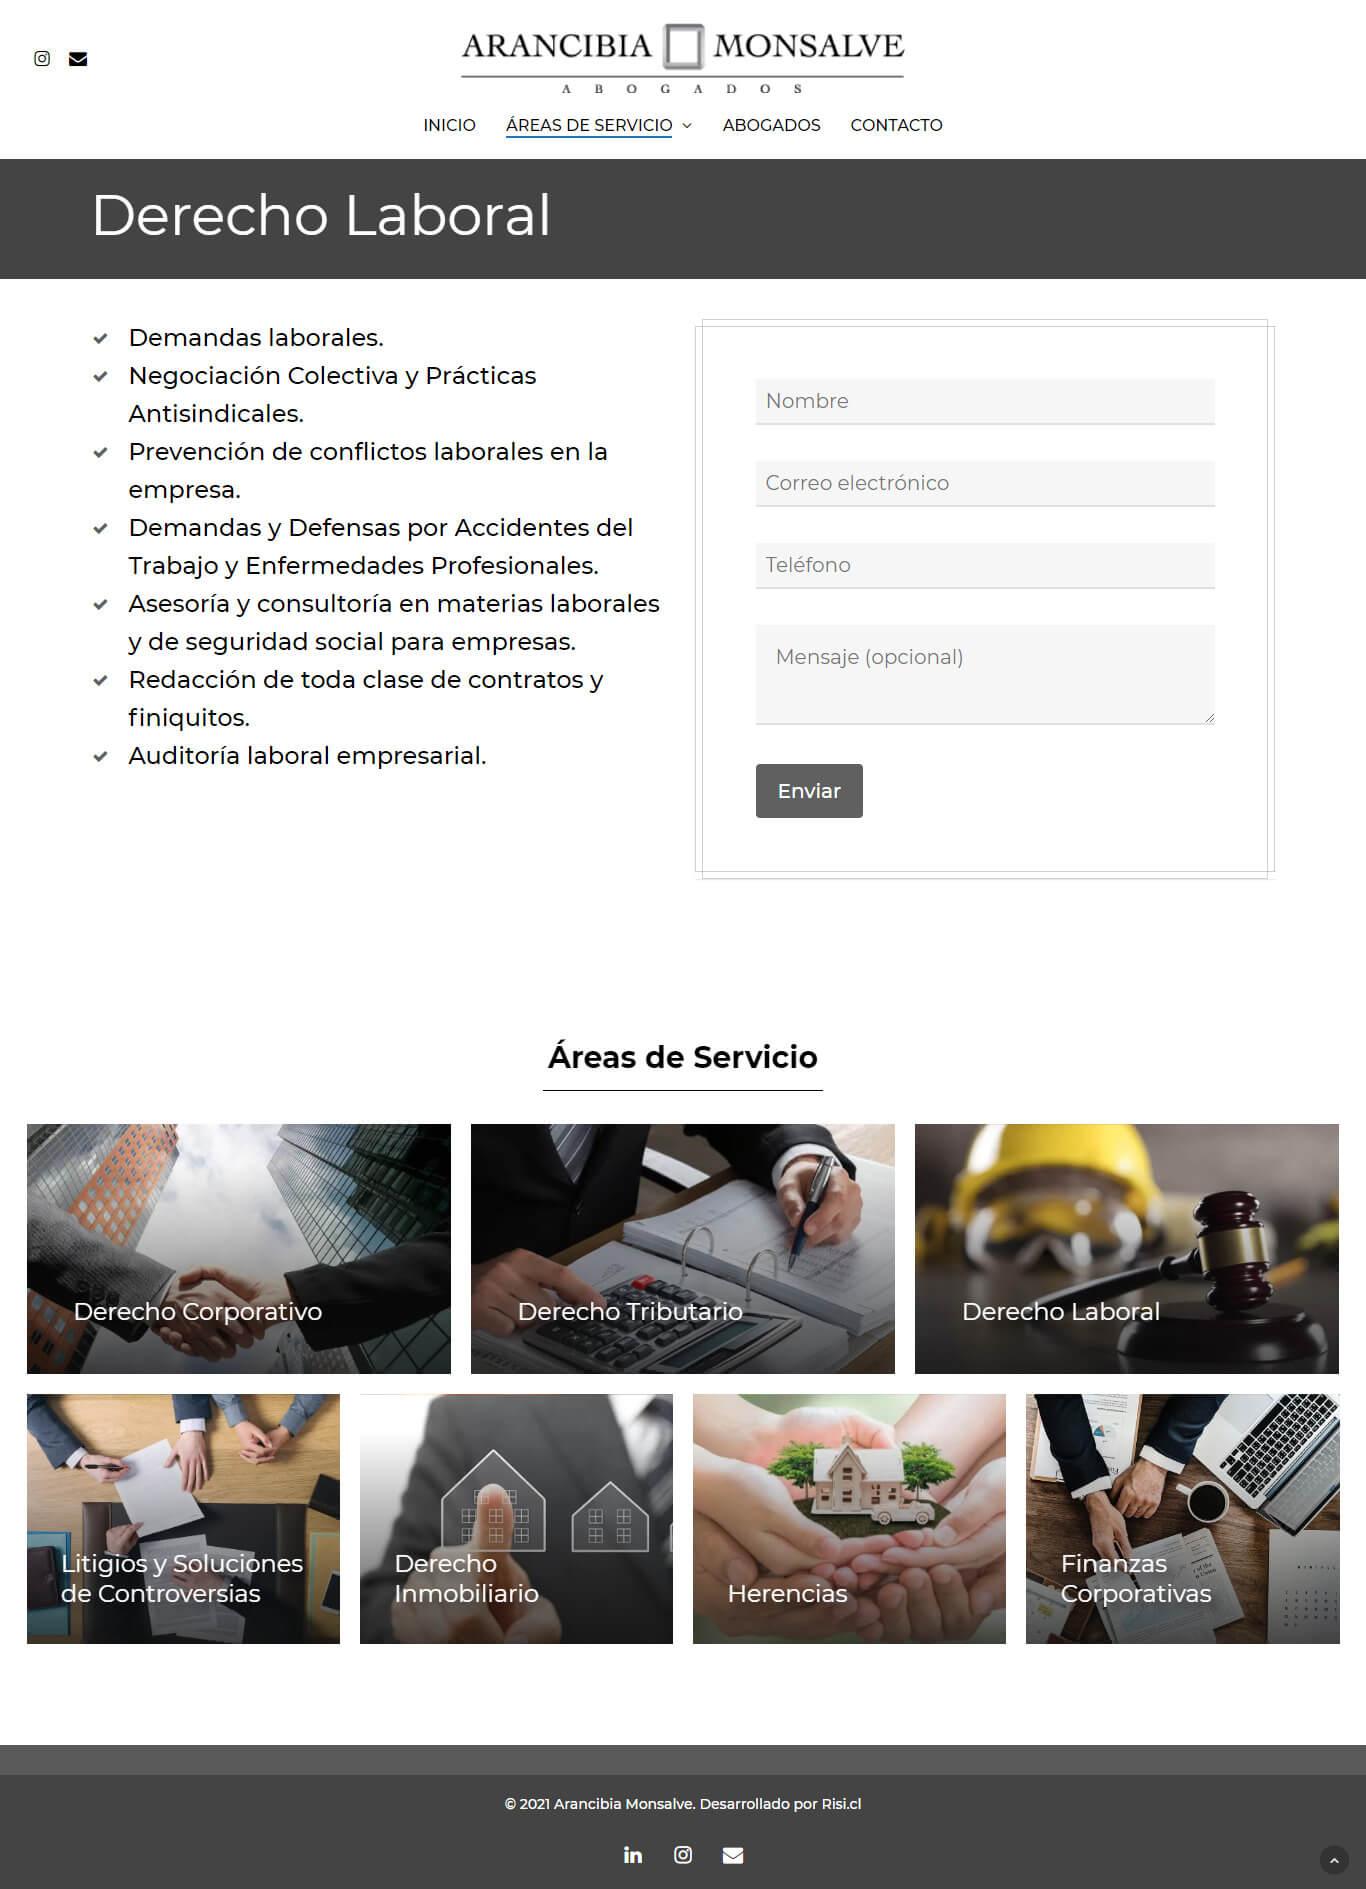 Arancibia Monsalve Abogados sitio web desarrollado por Risi.cl